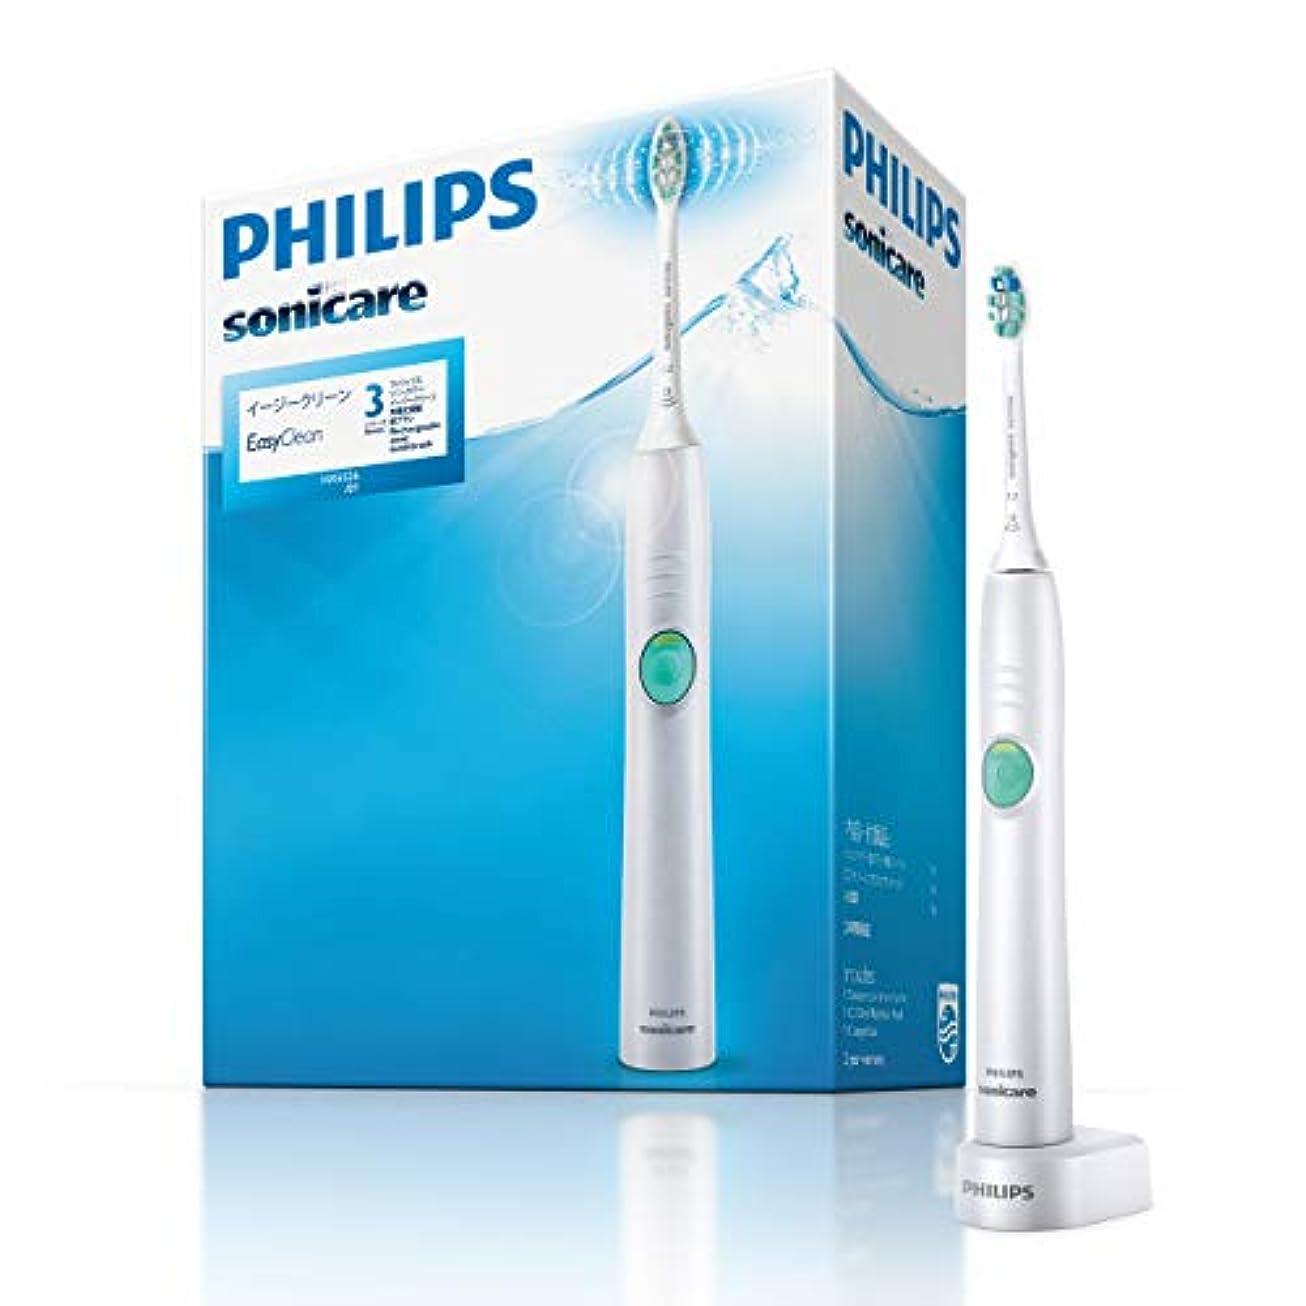 かび臭いラジウム漂流フィリップス ソニッケアー イージークリーン 電動歯ブラシ ホワイト HX6521/01